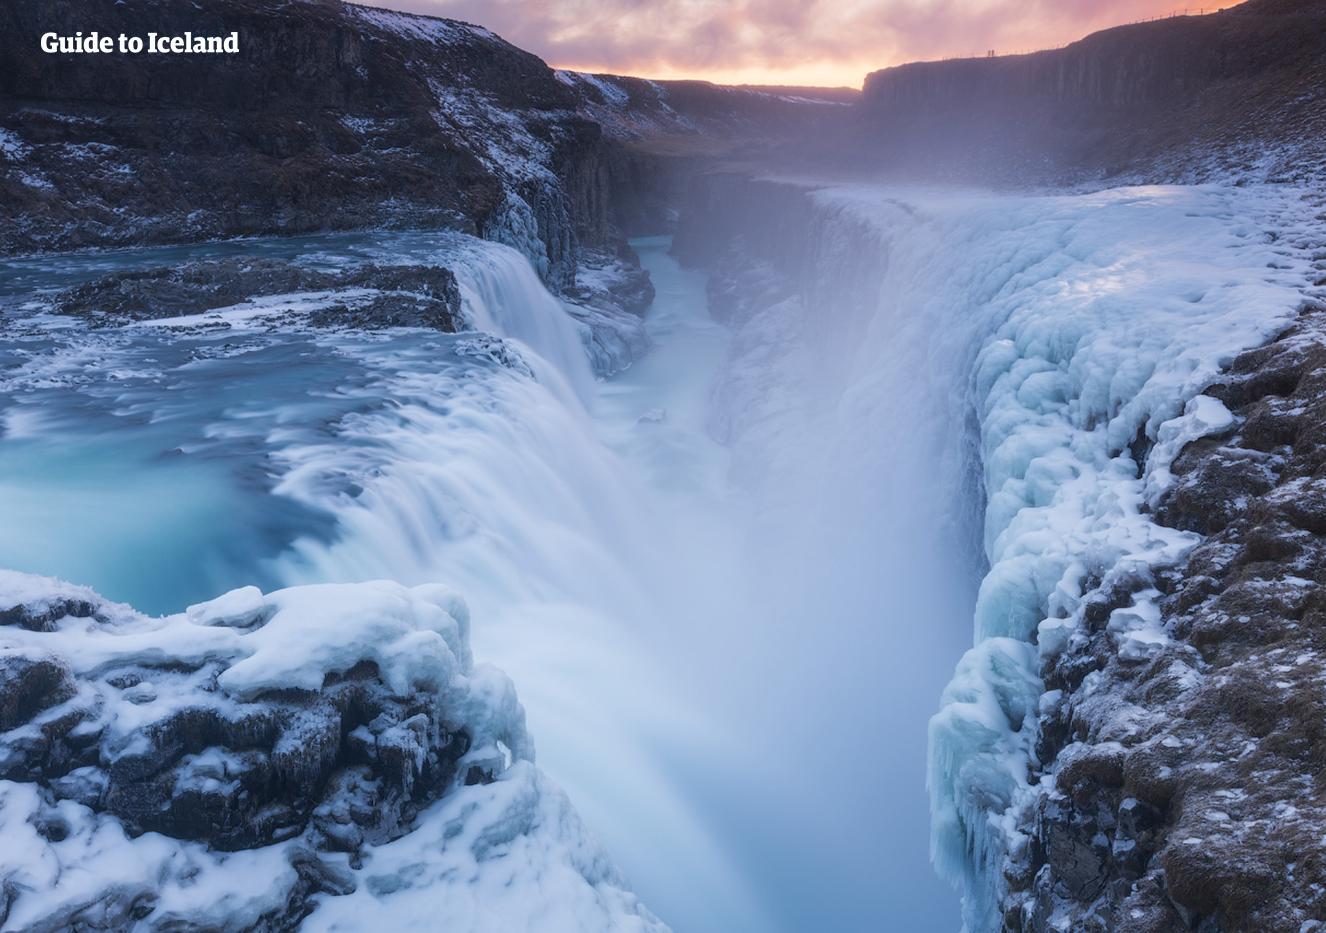 Les embruns de la célèbre cascade Gullfoss rincent le visage de ceux qui se rapprochent avec l'eau des glaciers de la calotte glaciaire Langjökull.